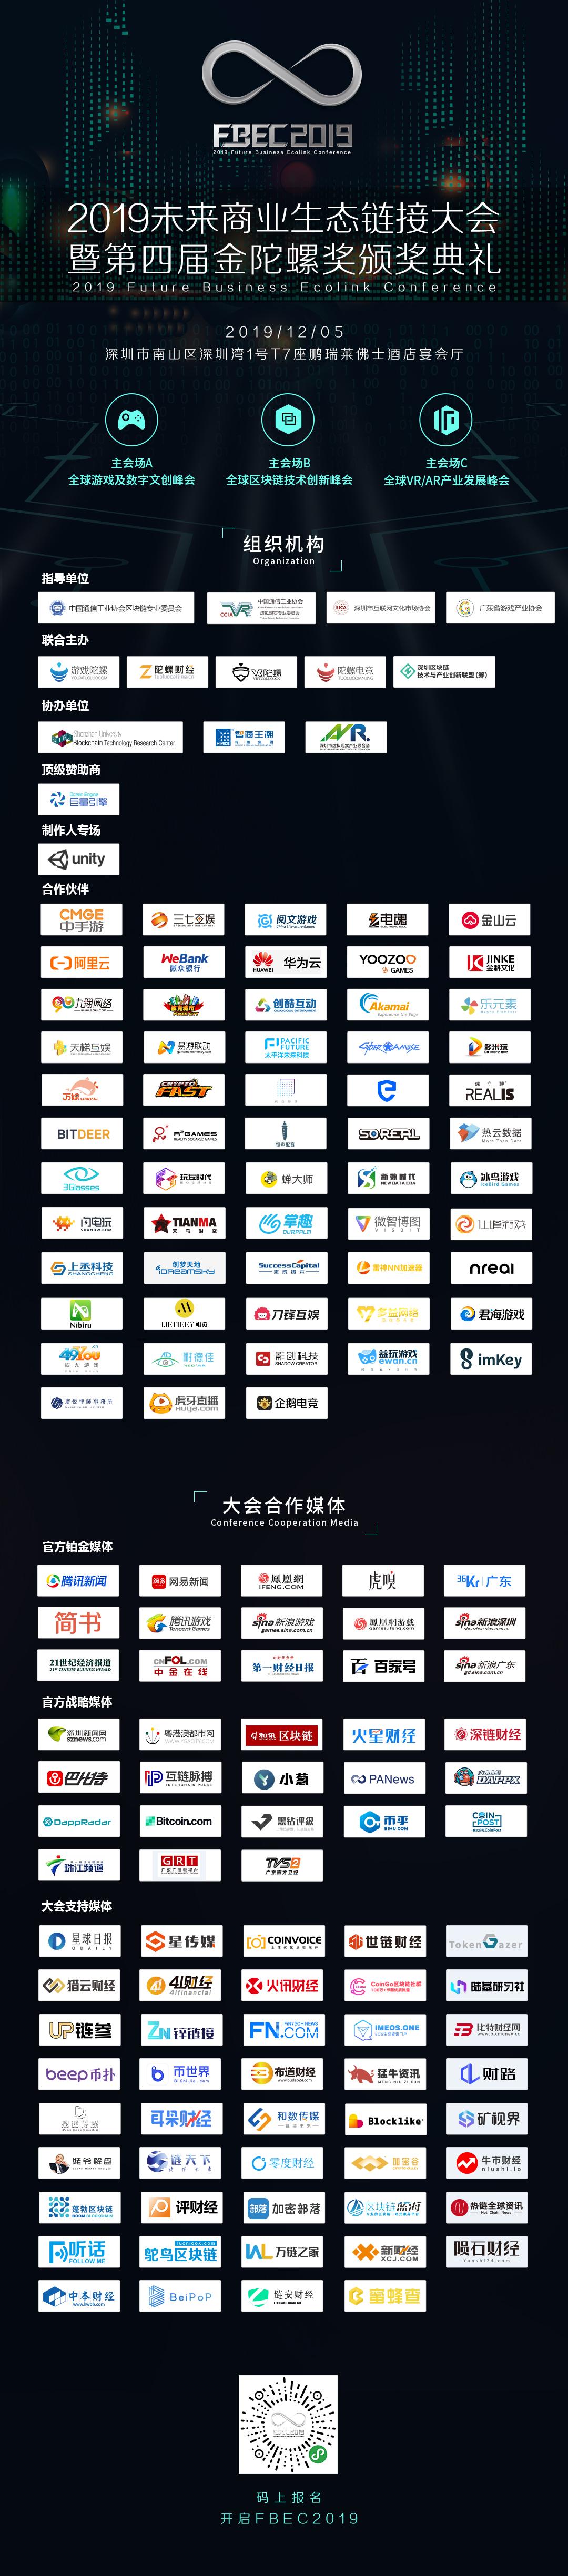 FBEC2019   商务部韩家平:数字化的信用贸易将是未来发展趋势